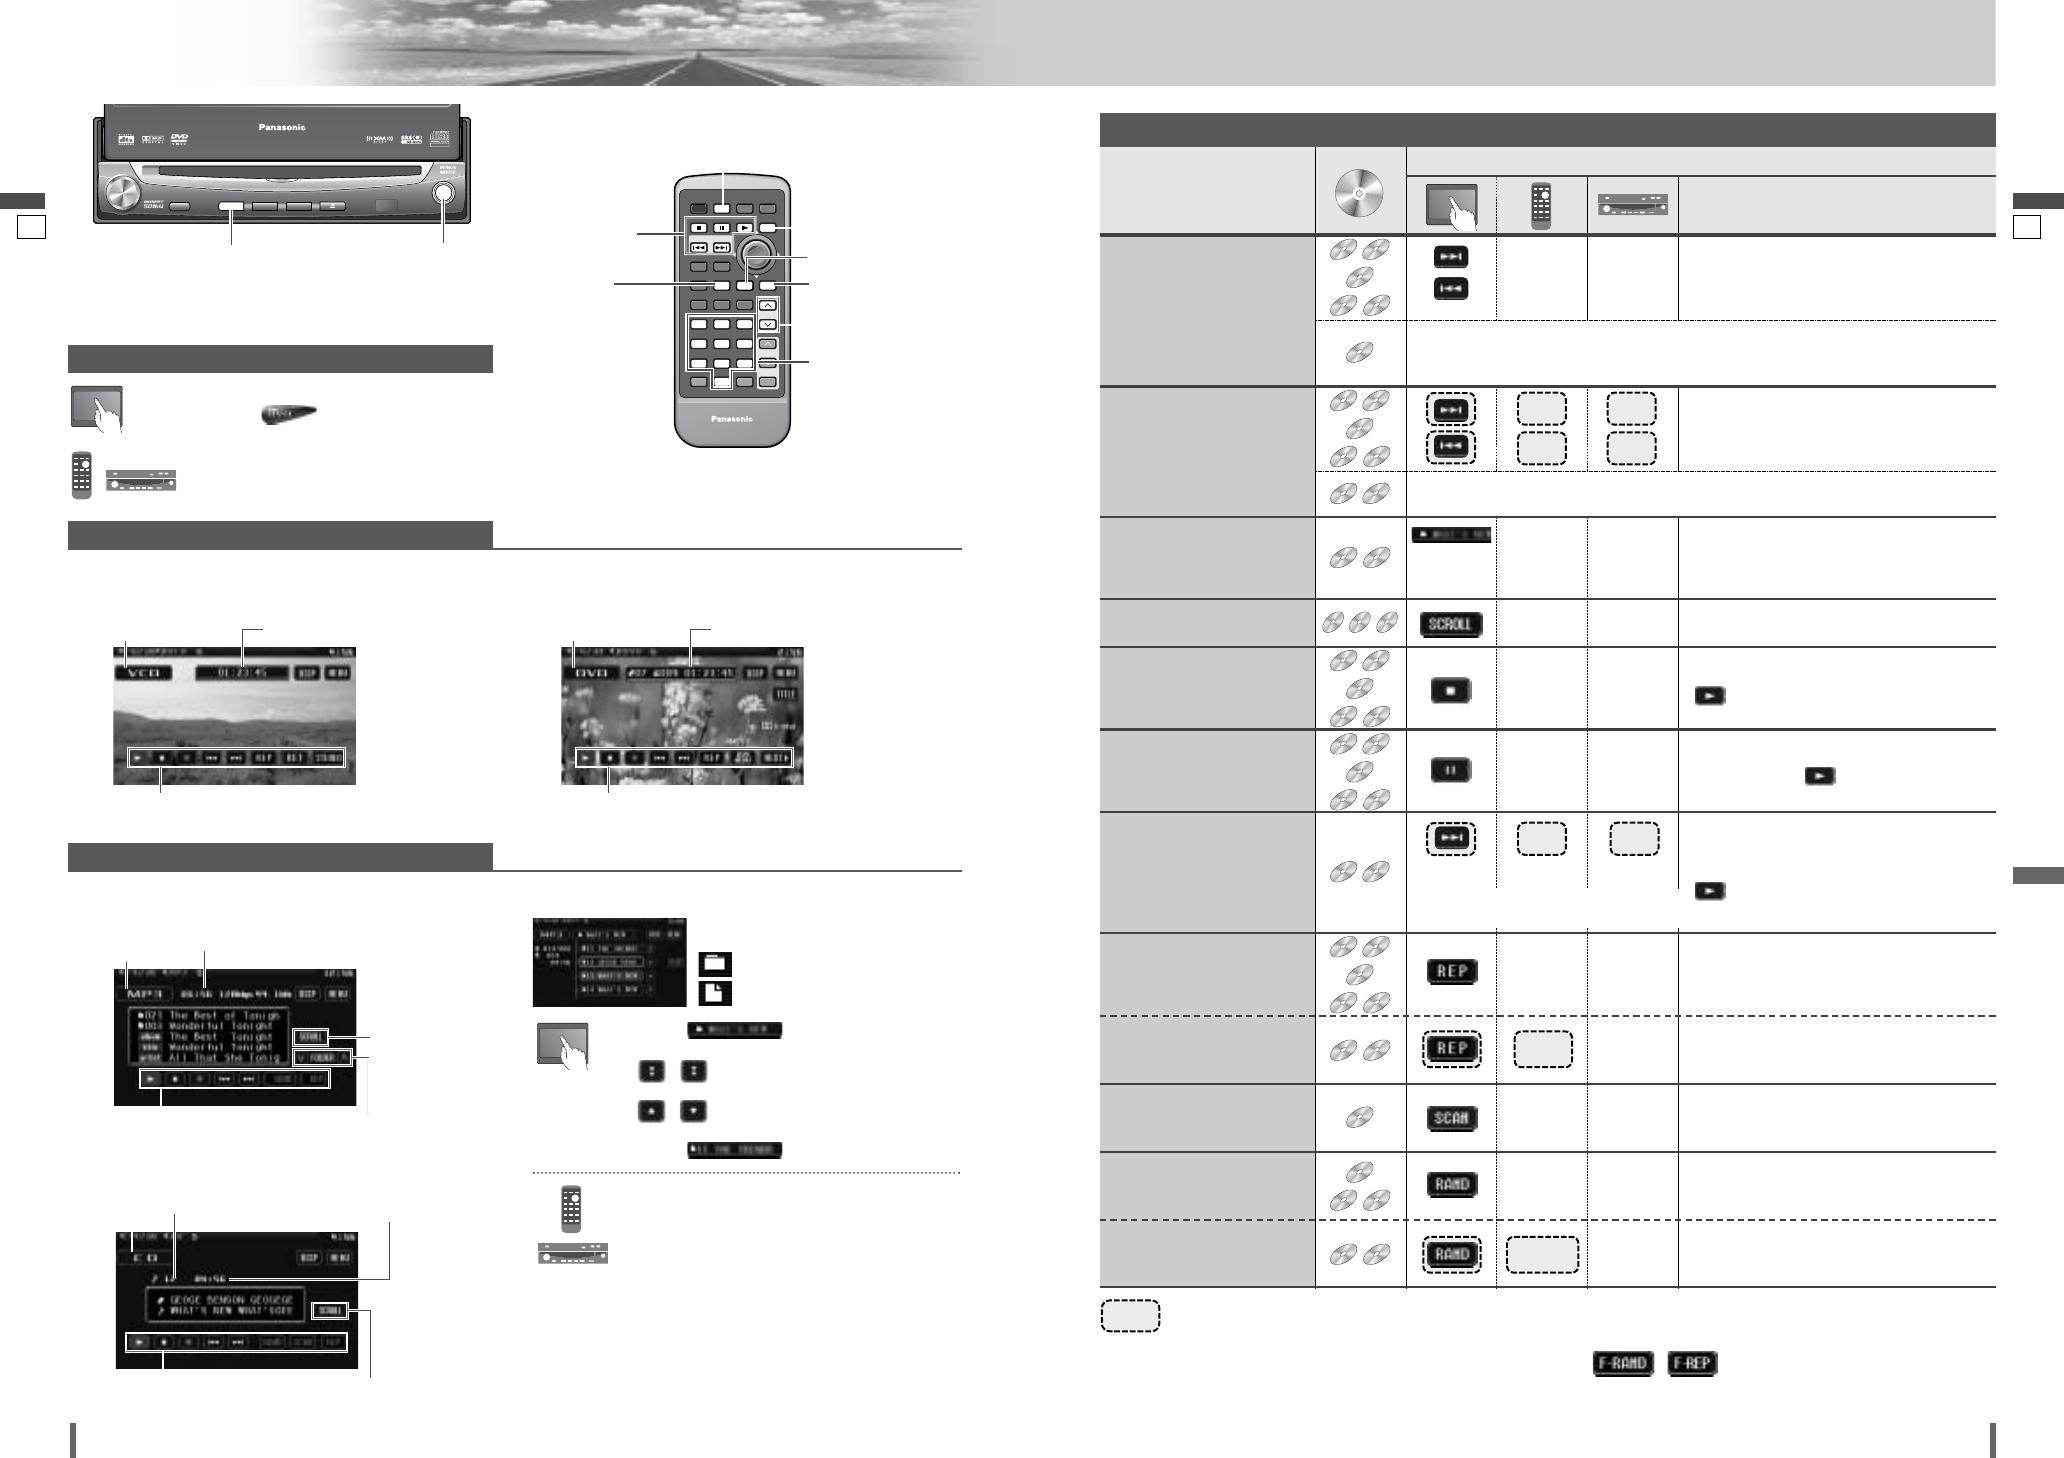 Panasonic Cq Vd7001u User Manual To The 43e4a7cd F1a1 4775